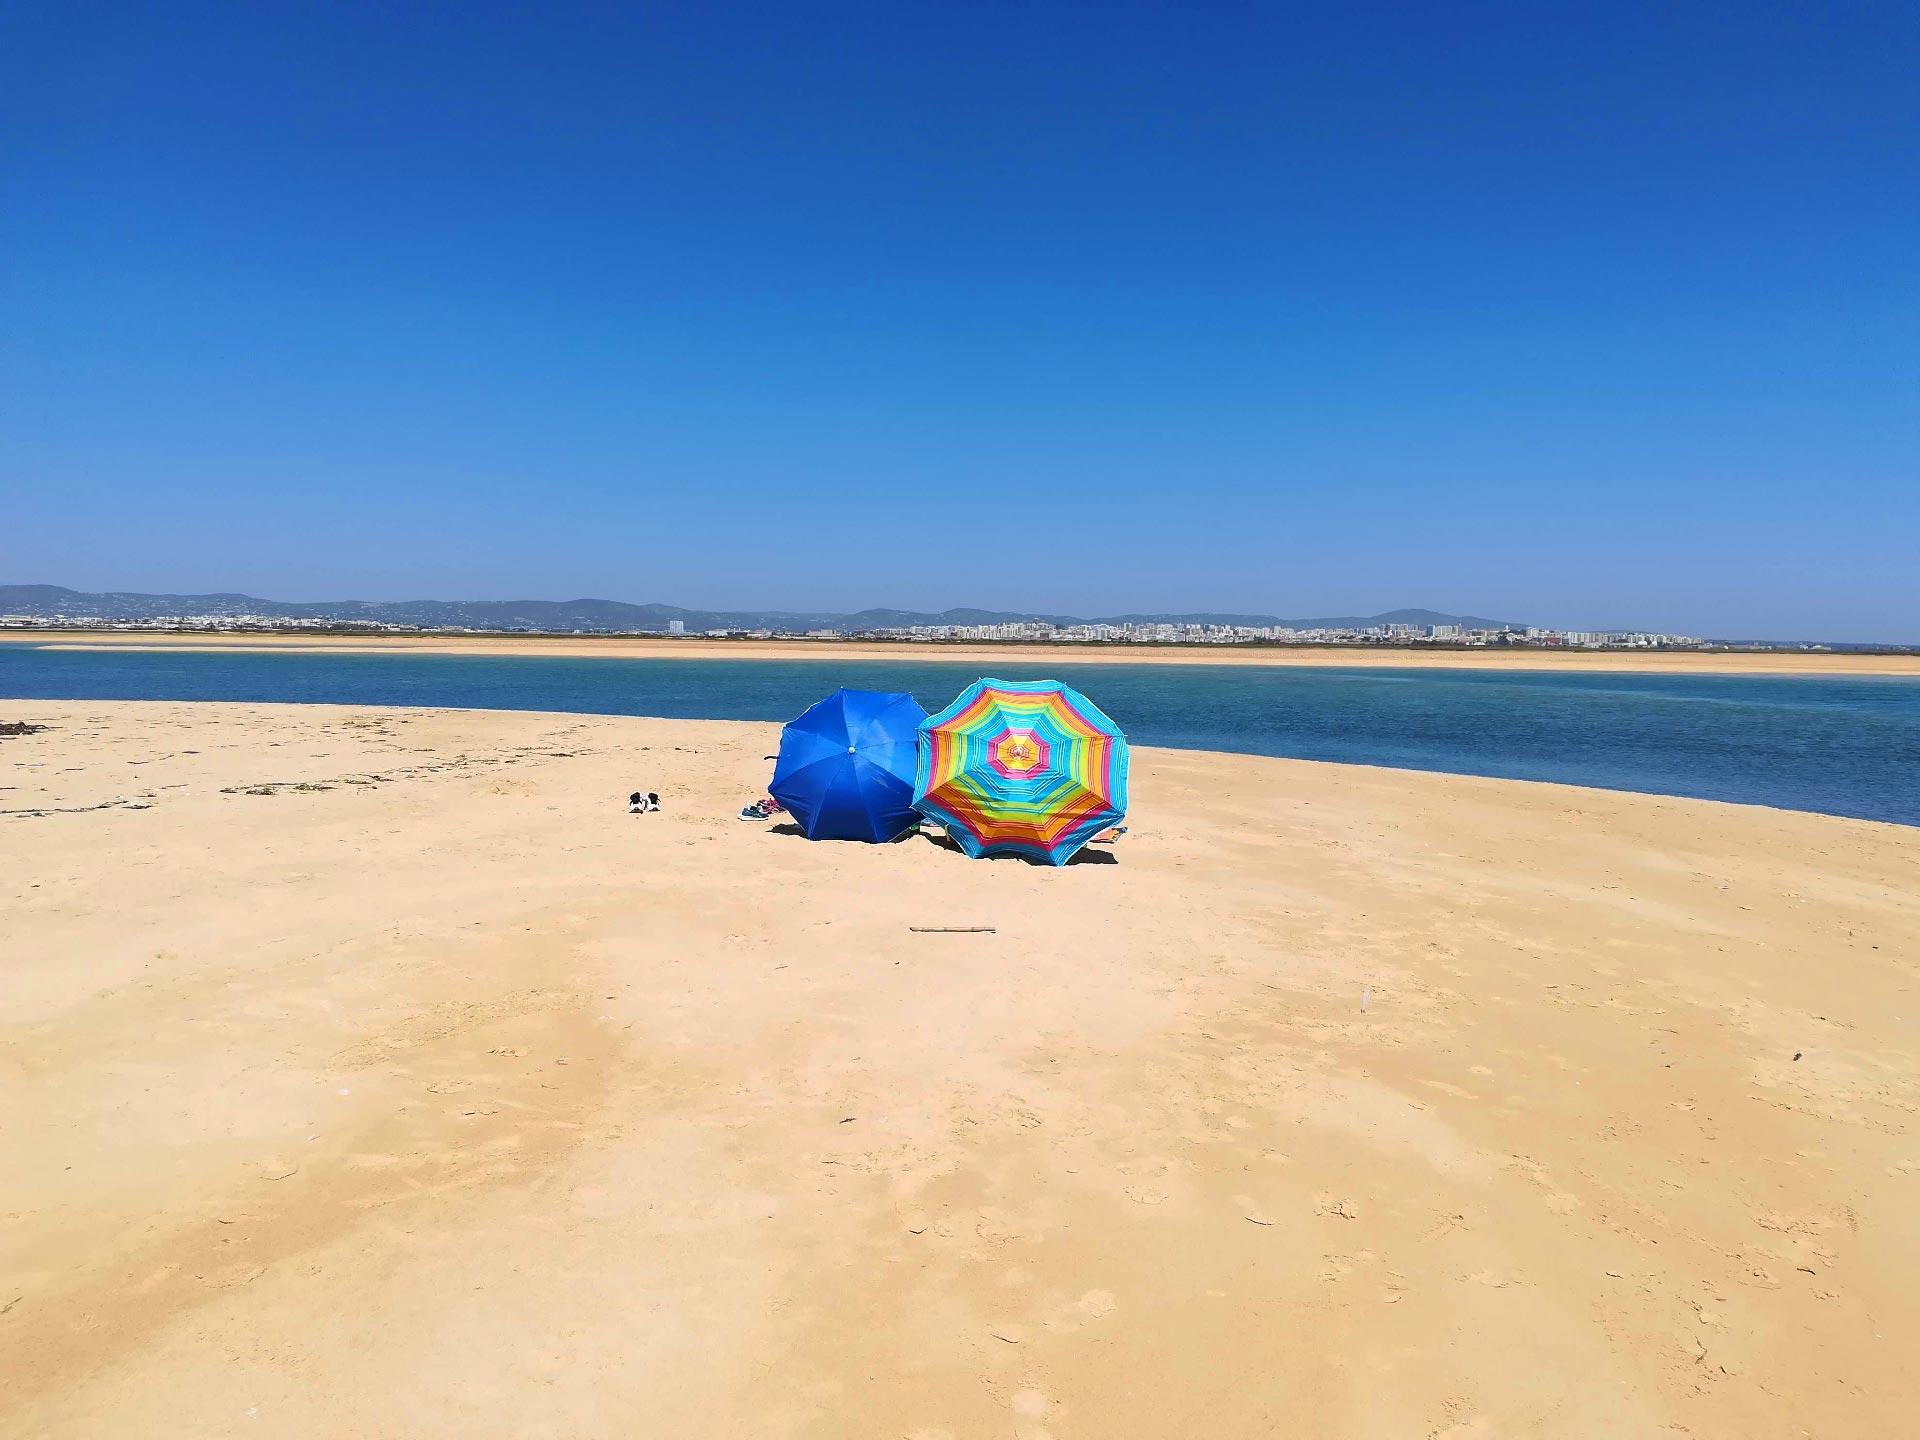 Veduta di Praia da Barrinha, Faro, Algarve, Portogallo